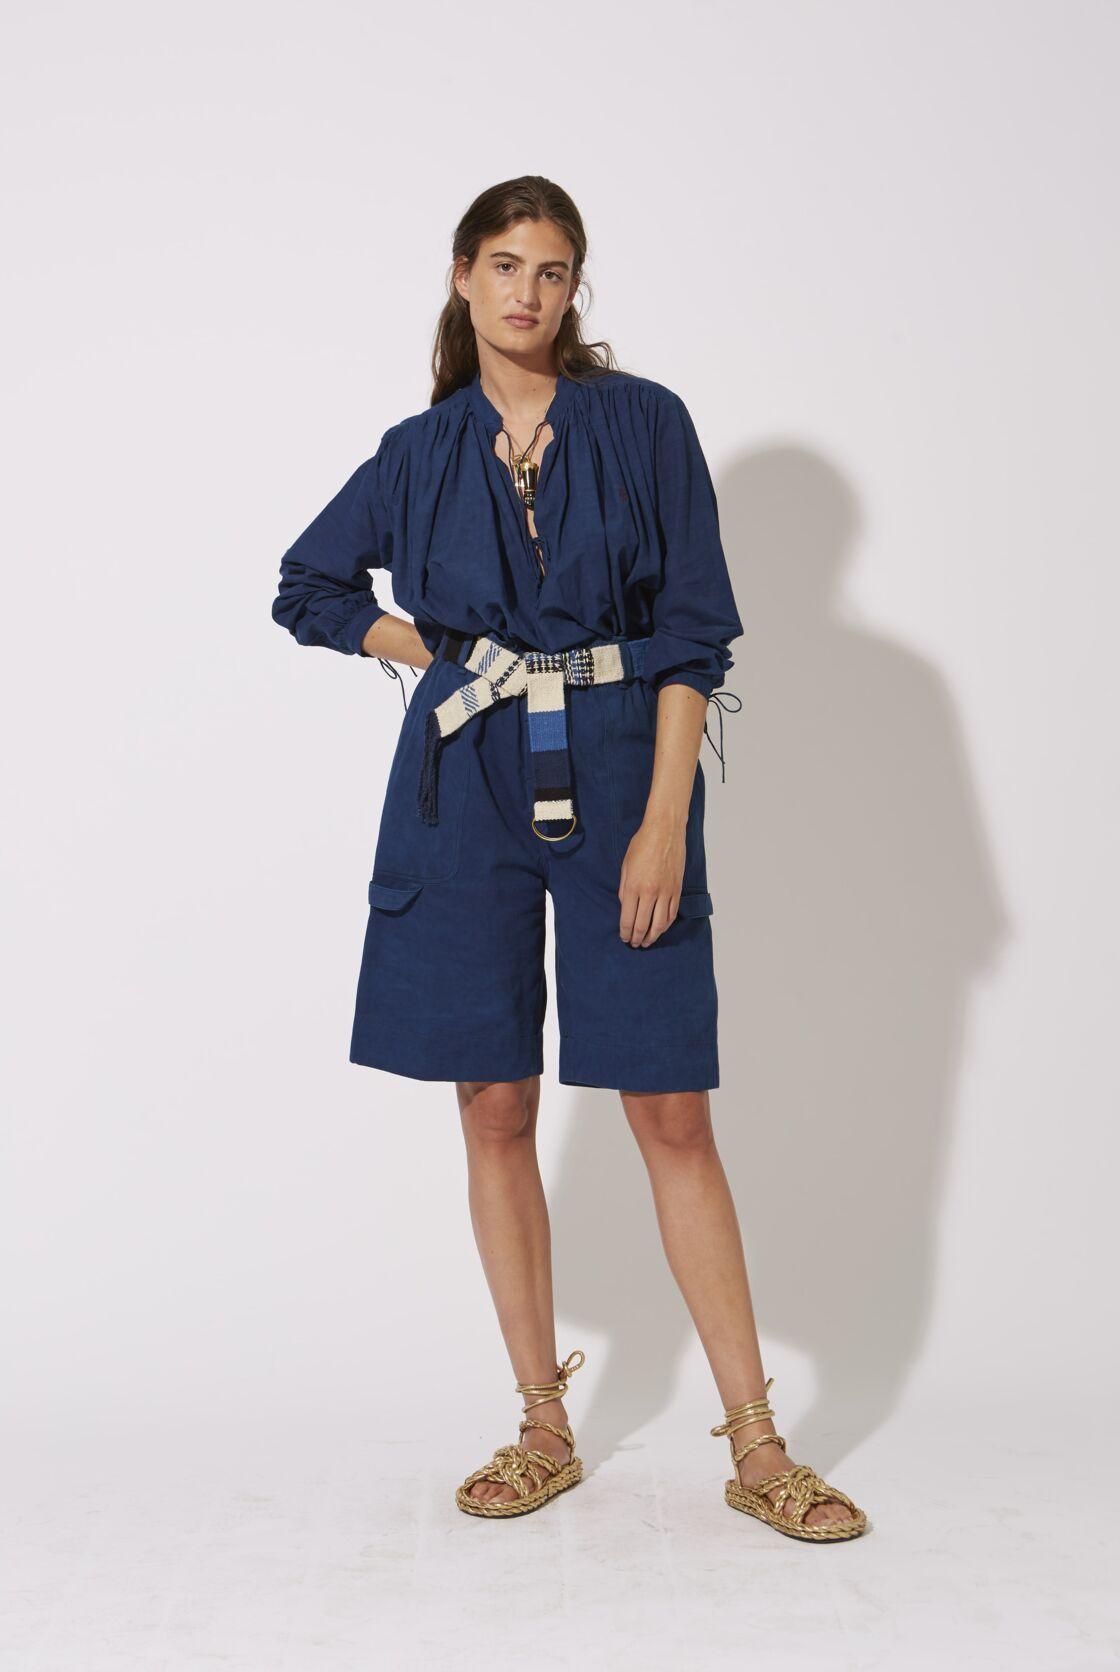 Laurence bras, la blouse en teinture naturelle